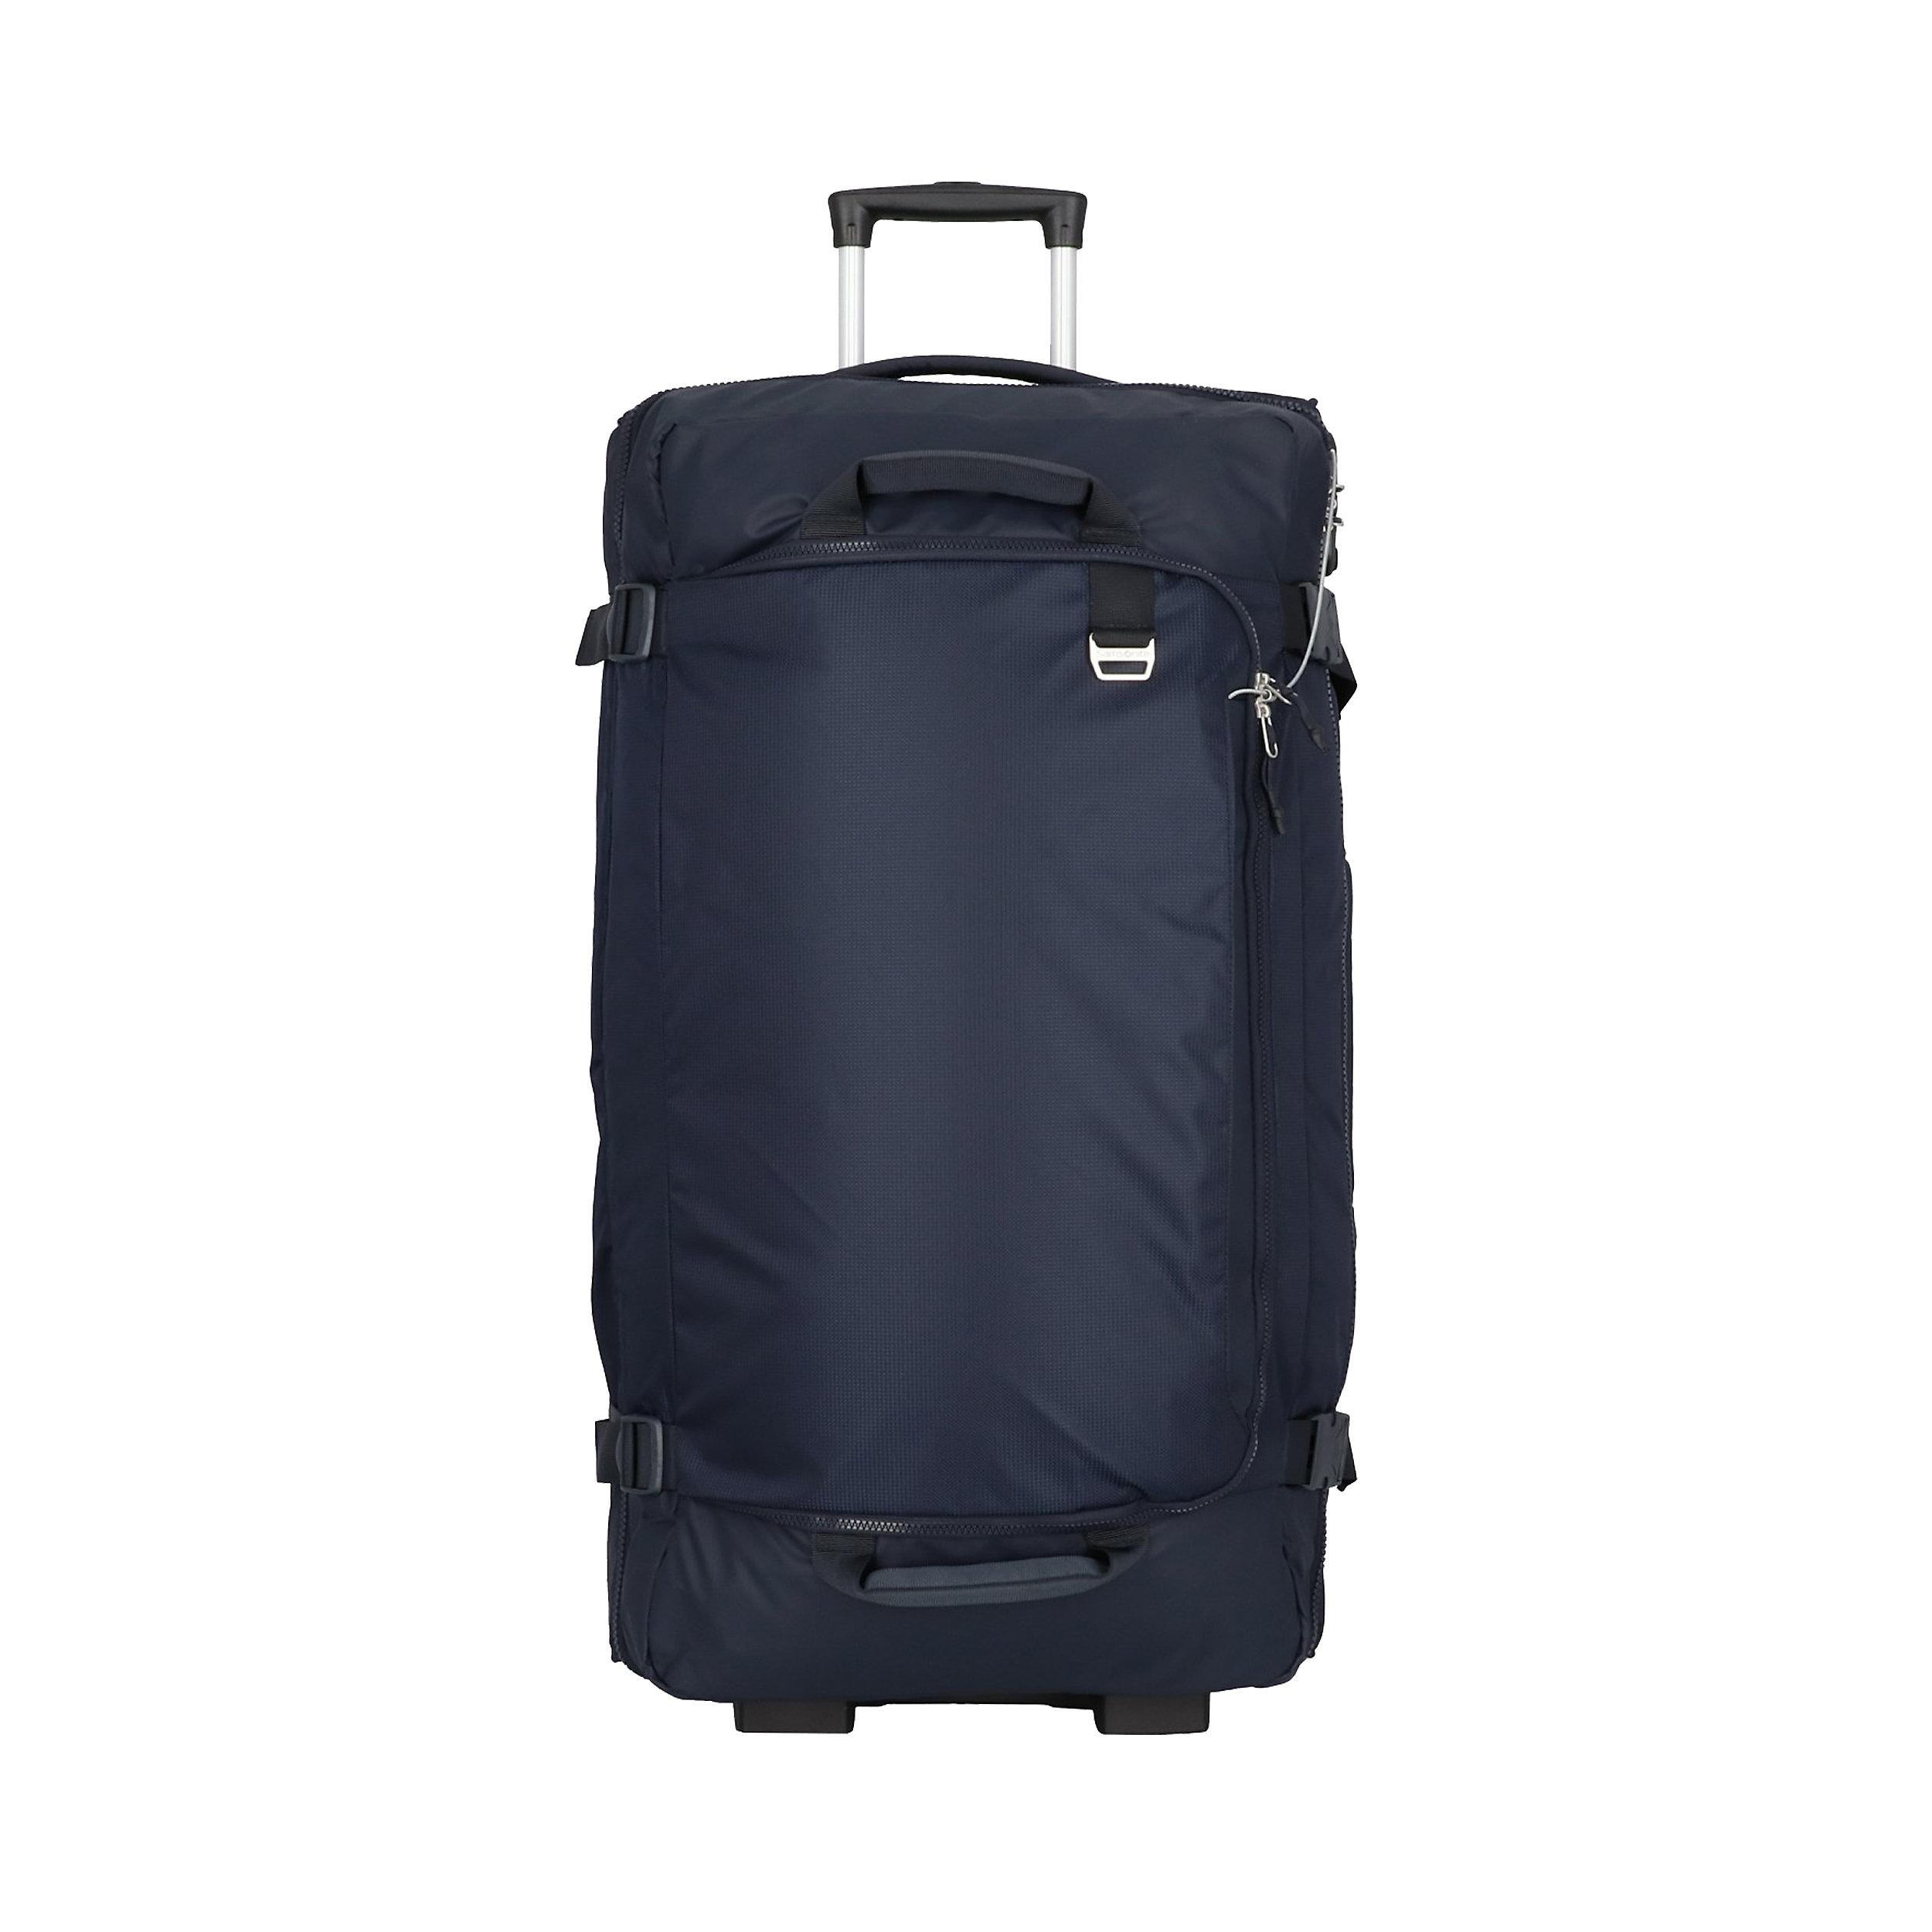 Rollenreisetasche mit 2 Rollen 79/29 Midtown L 103 Liter